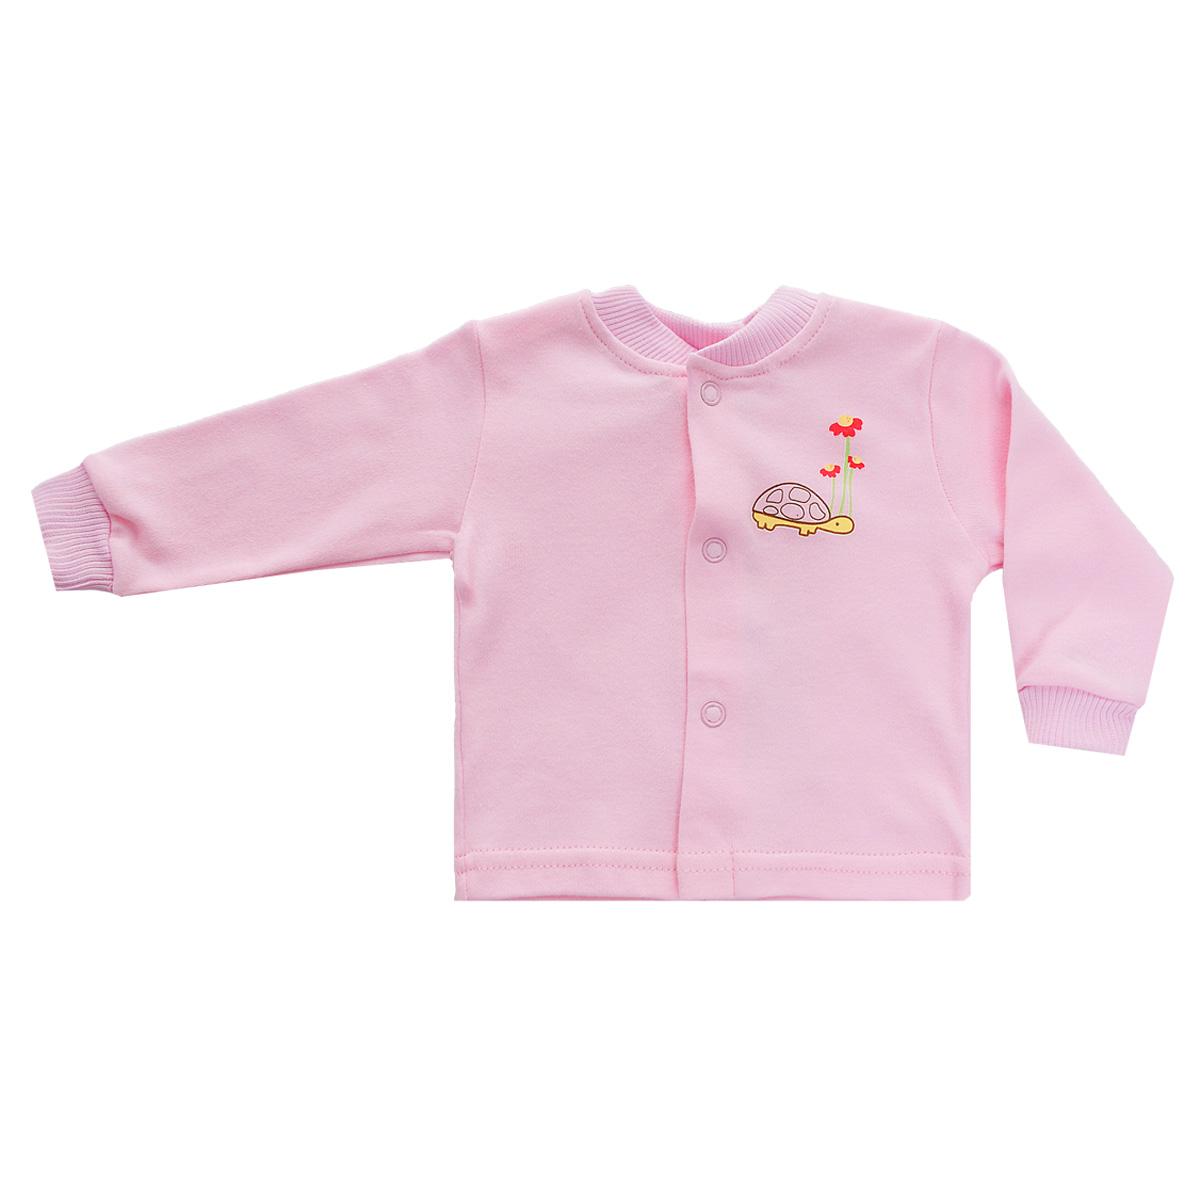 Распашонка37-261Кофточка для новорожденного Клякса послужит идеальным дополнением к гардеробу вашего ребенка, обеспечивая ему наибольший комфорт. Изготовленная из натурального хлопка, она необычайно мягкая и легкая, не раздражает нежную кожу ребенка и хорошо вентилируется, а эластичные швы приятны телу младенца и не препятствуют его движениям. Модель с длинными рукавами имеет круглый вырез горловины, дополненный мягкой трикотажной резинкой. Удобные застежки-кнопки по всей длине помогают легко переодеть ребенка. На рукавах предусмотрены трикотажные манжеты, не пережимающие ручки. Изделие оформлено оригинальным принтом с изображением забавных животных. Кофточка полностью соответствует особенностям жизни младенца в ранний период, не стесняя и не ограничивая его в движениях. В ней ваш ребенок всегда будет в центре внимания.